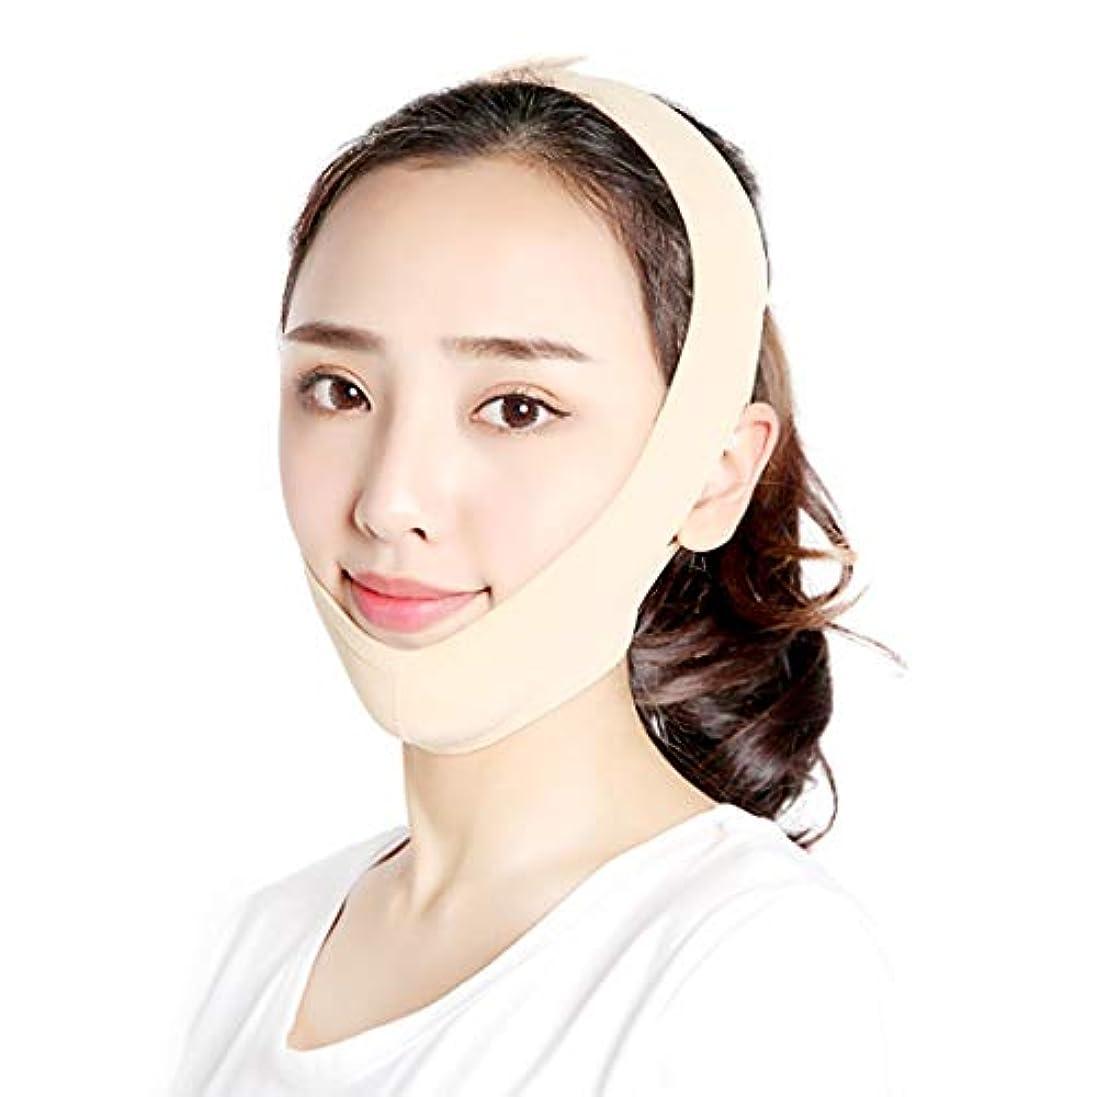 トロリールアーベックスZWBD フェイスマスク, フェイスリフティング包帯V字型マスクヘッドギアフェイシャルリフティングシェイピングリフティング引き締め (Size : XL)